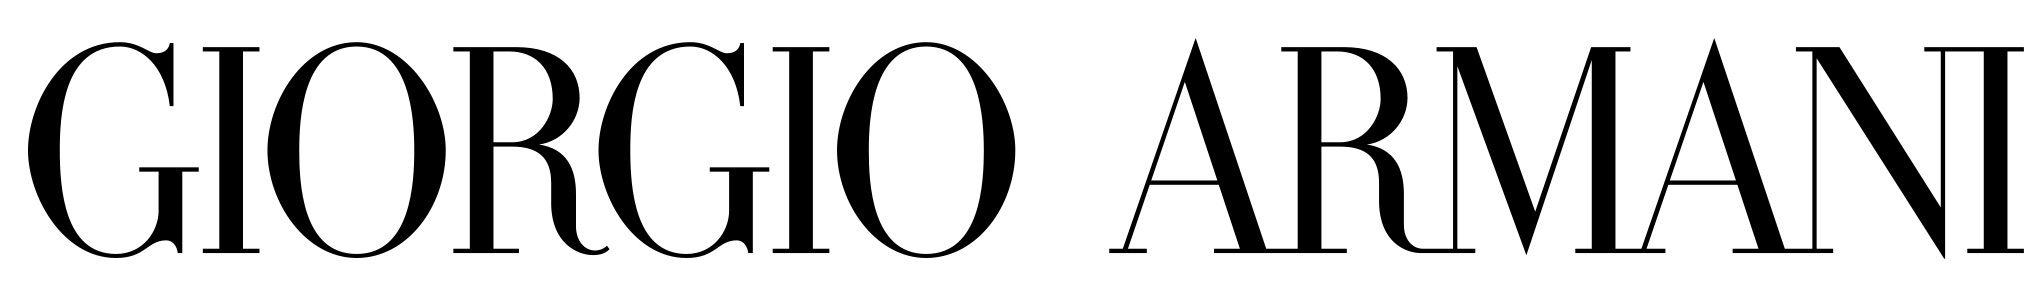 Giorgio Armani-logo